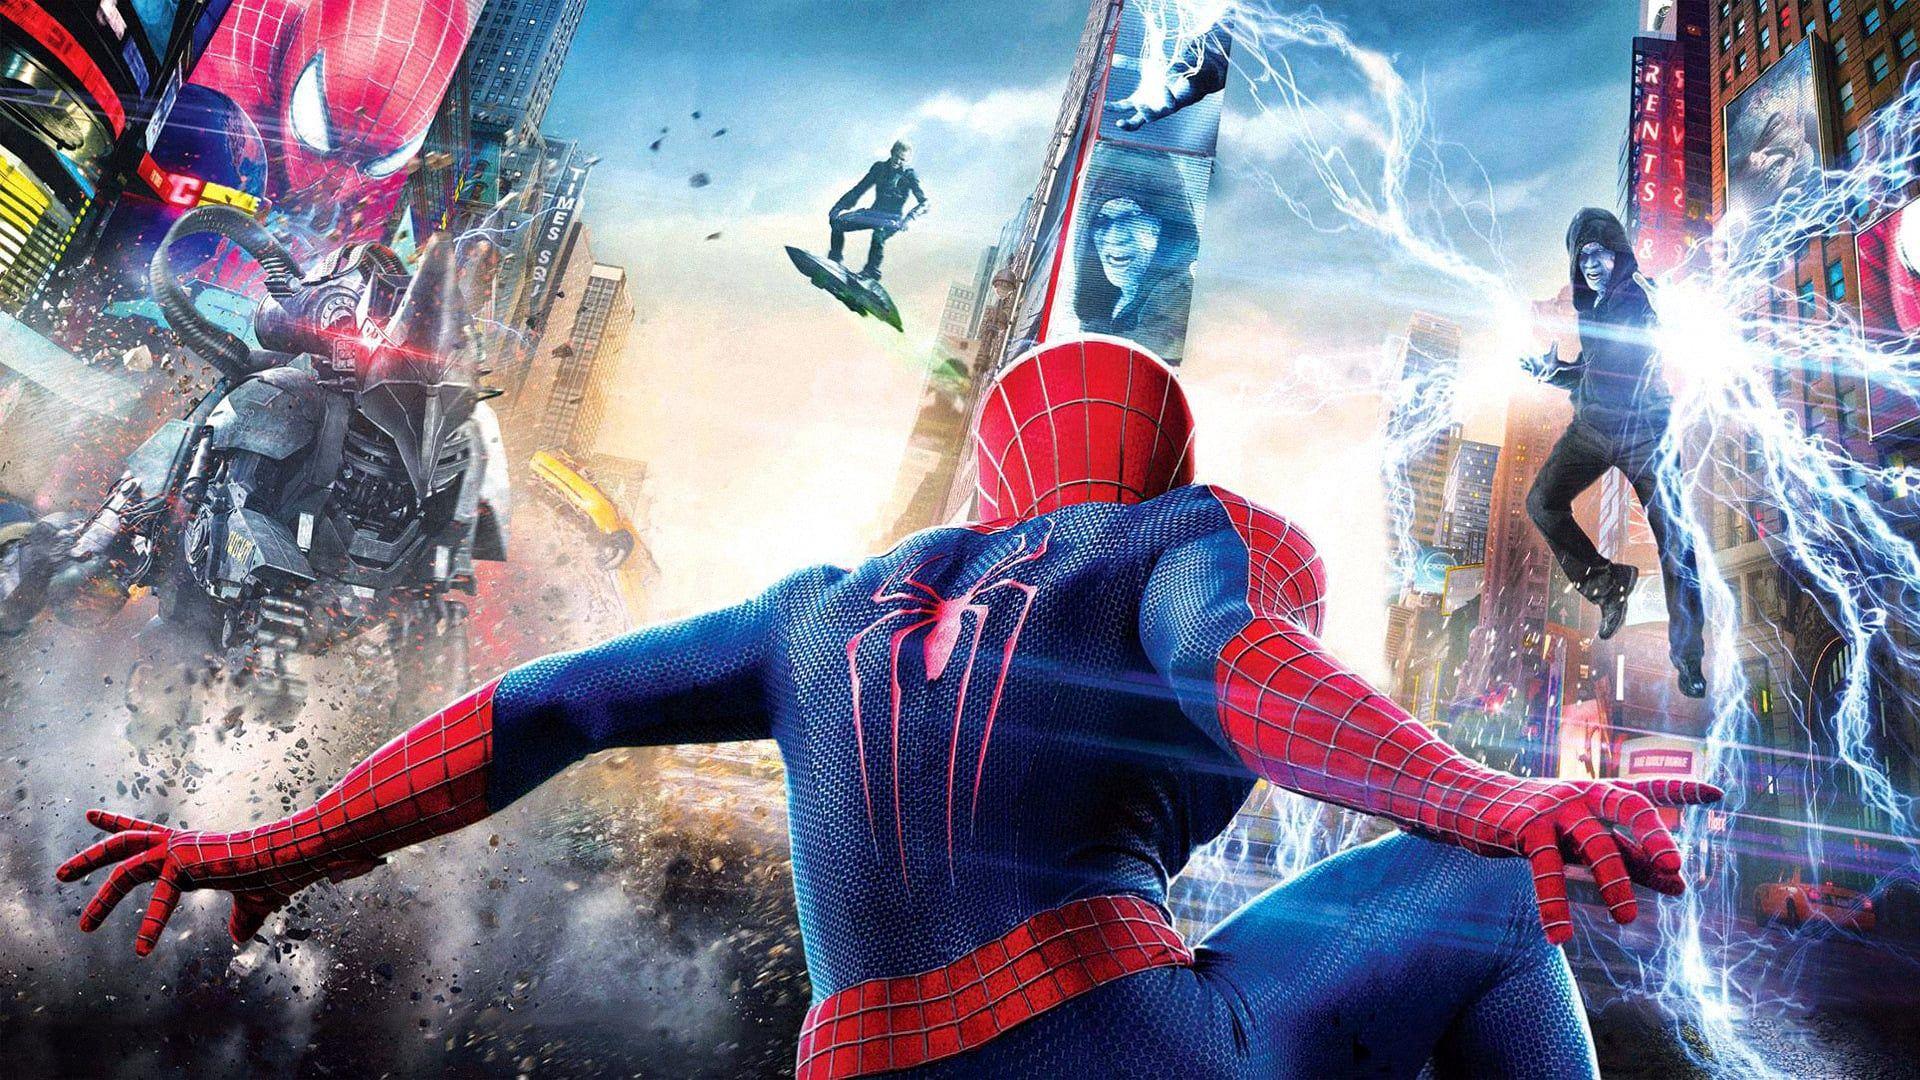 Sehen The Amazing Spider Man 2 Rise Of Electro 2014 Ganzer Film Deutsch Komplett Kino The Amazing Spider Man 2 Rise Spiderman Peter Parker Superhelden Filme